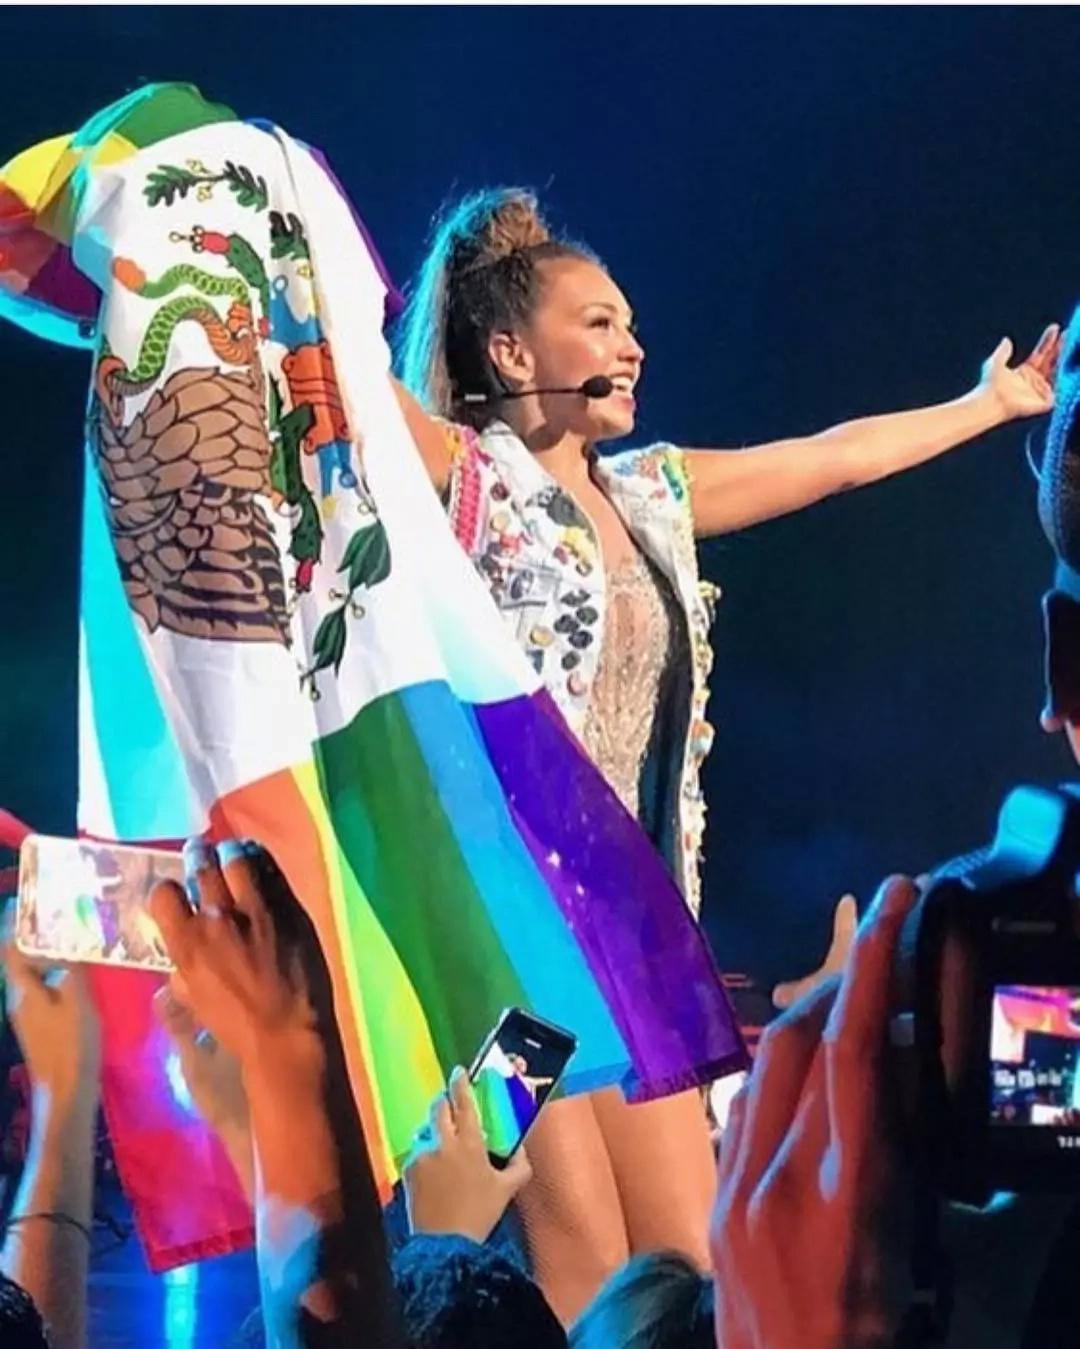 Para Thalía todo México es gay, o eso demuestra esta foto